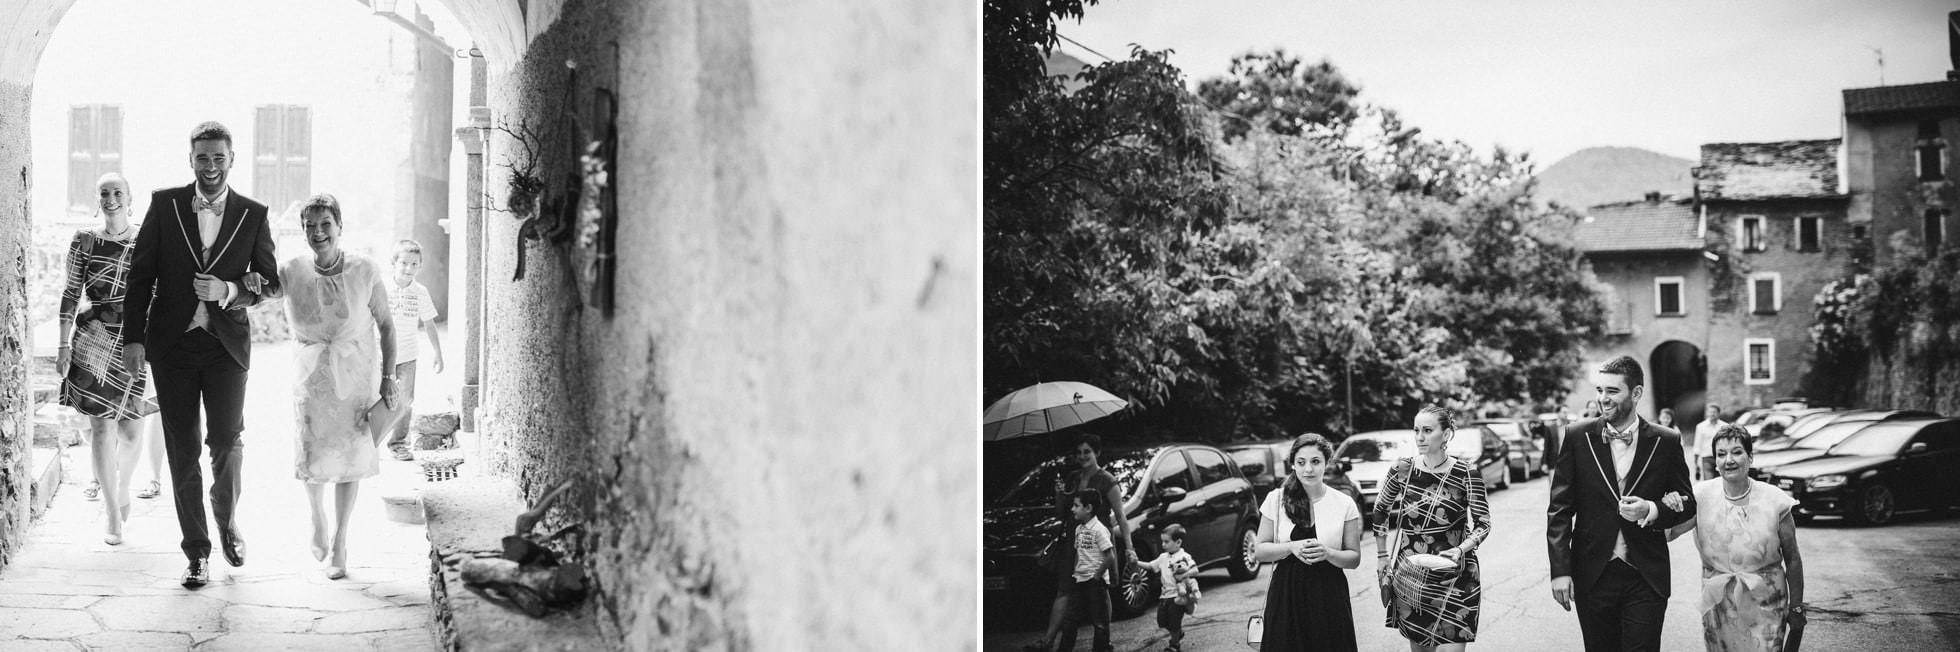 fotografo matrimonio introzzo